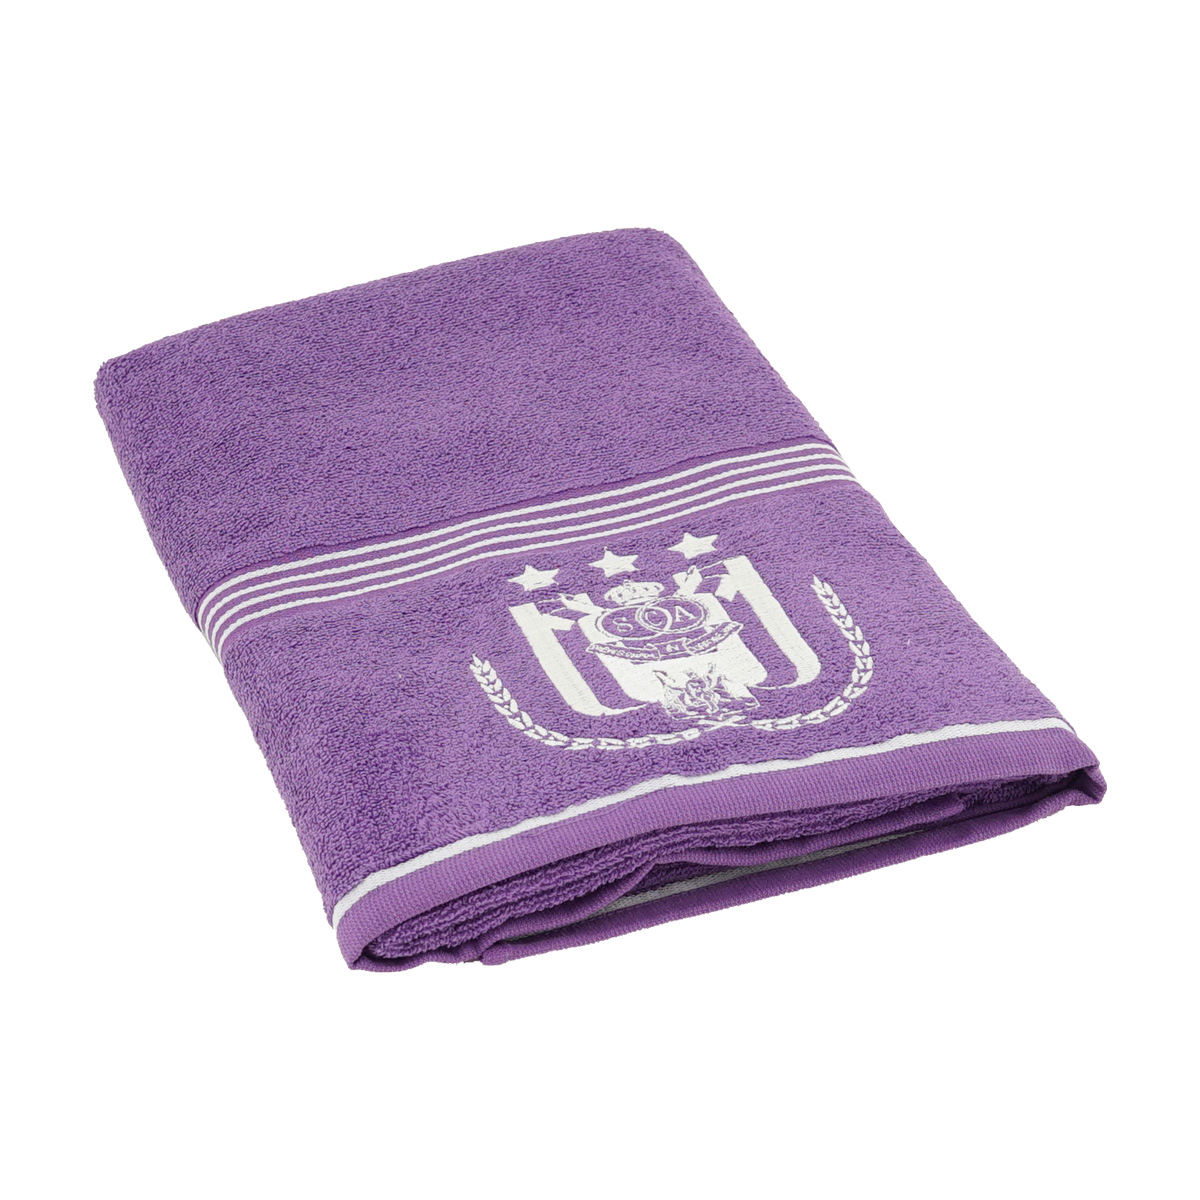 RSCA Towel Big